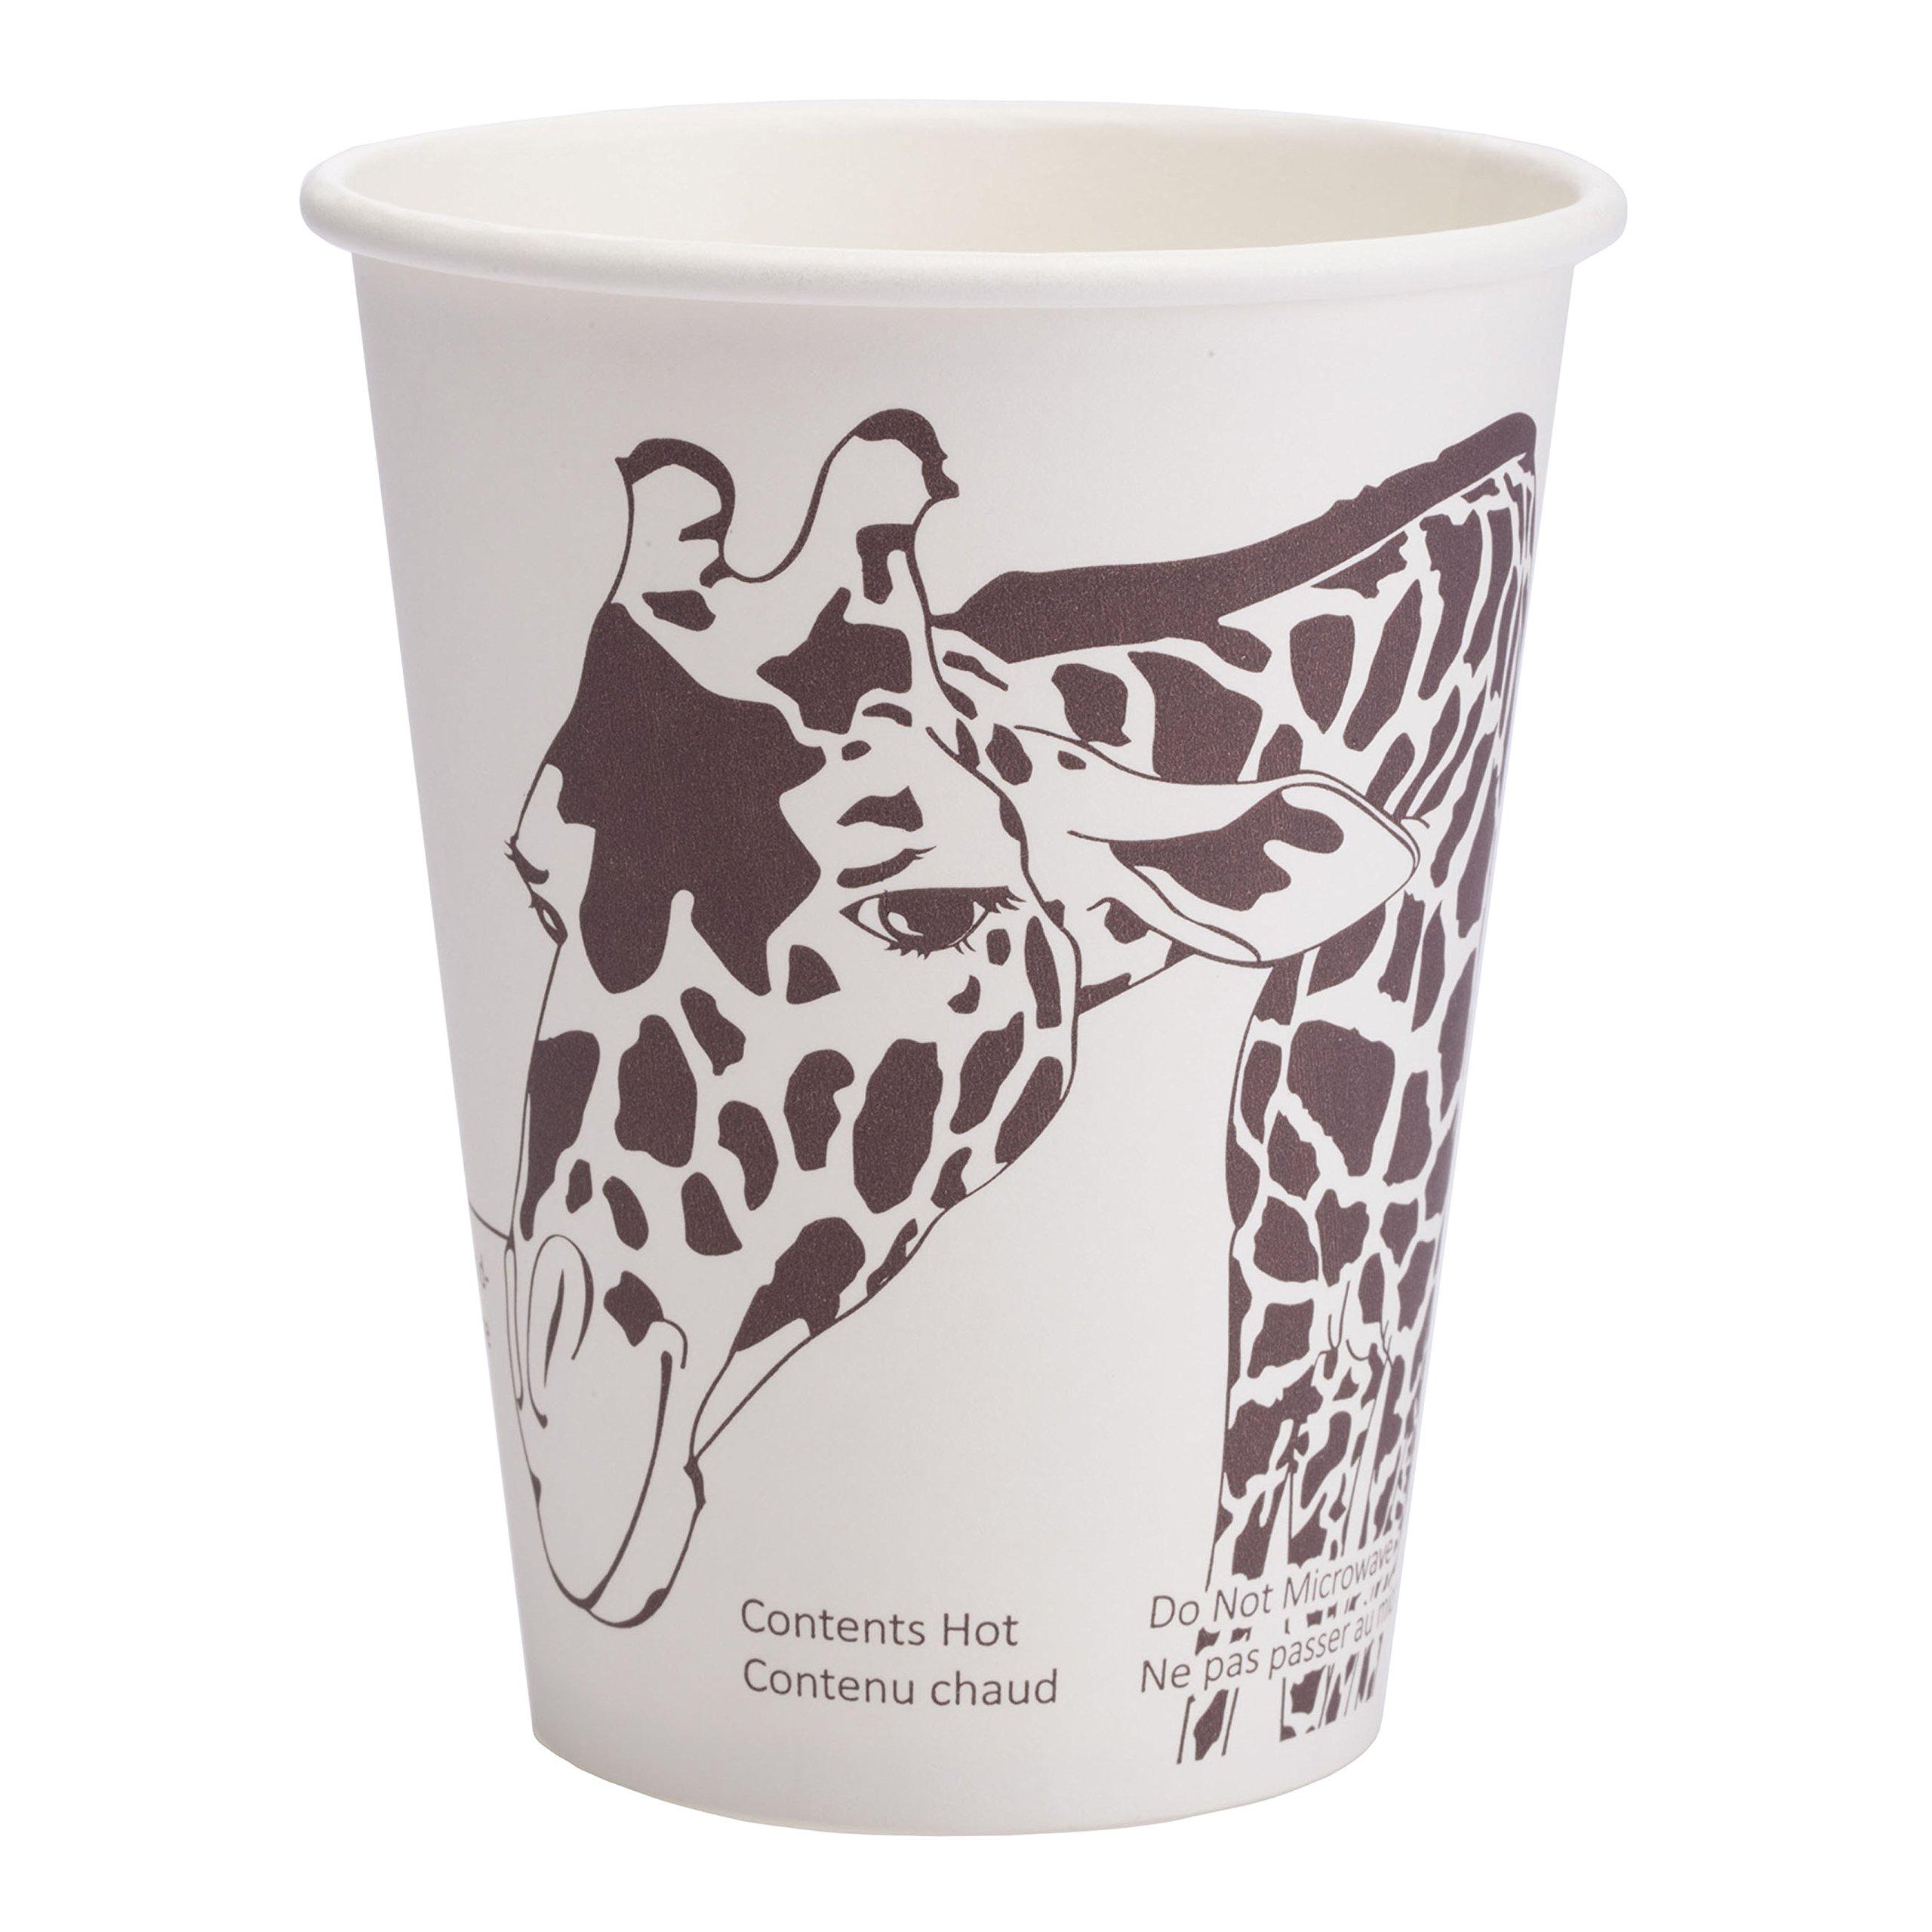 Minima 12 oz 1,000 count Compostable Hot Cups – 100% BPI-CERTIFIED Biodegradable & Compostable Certified